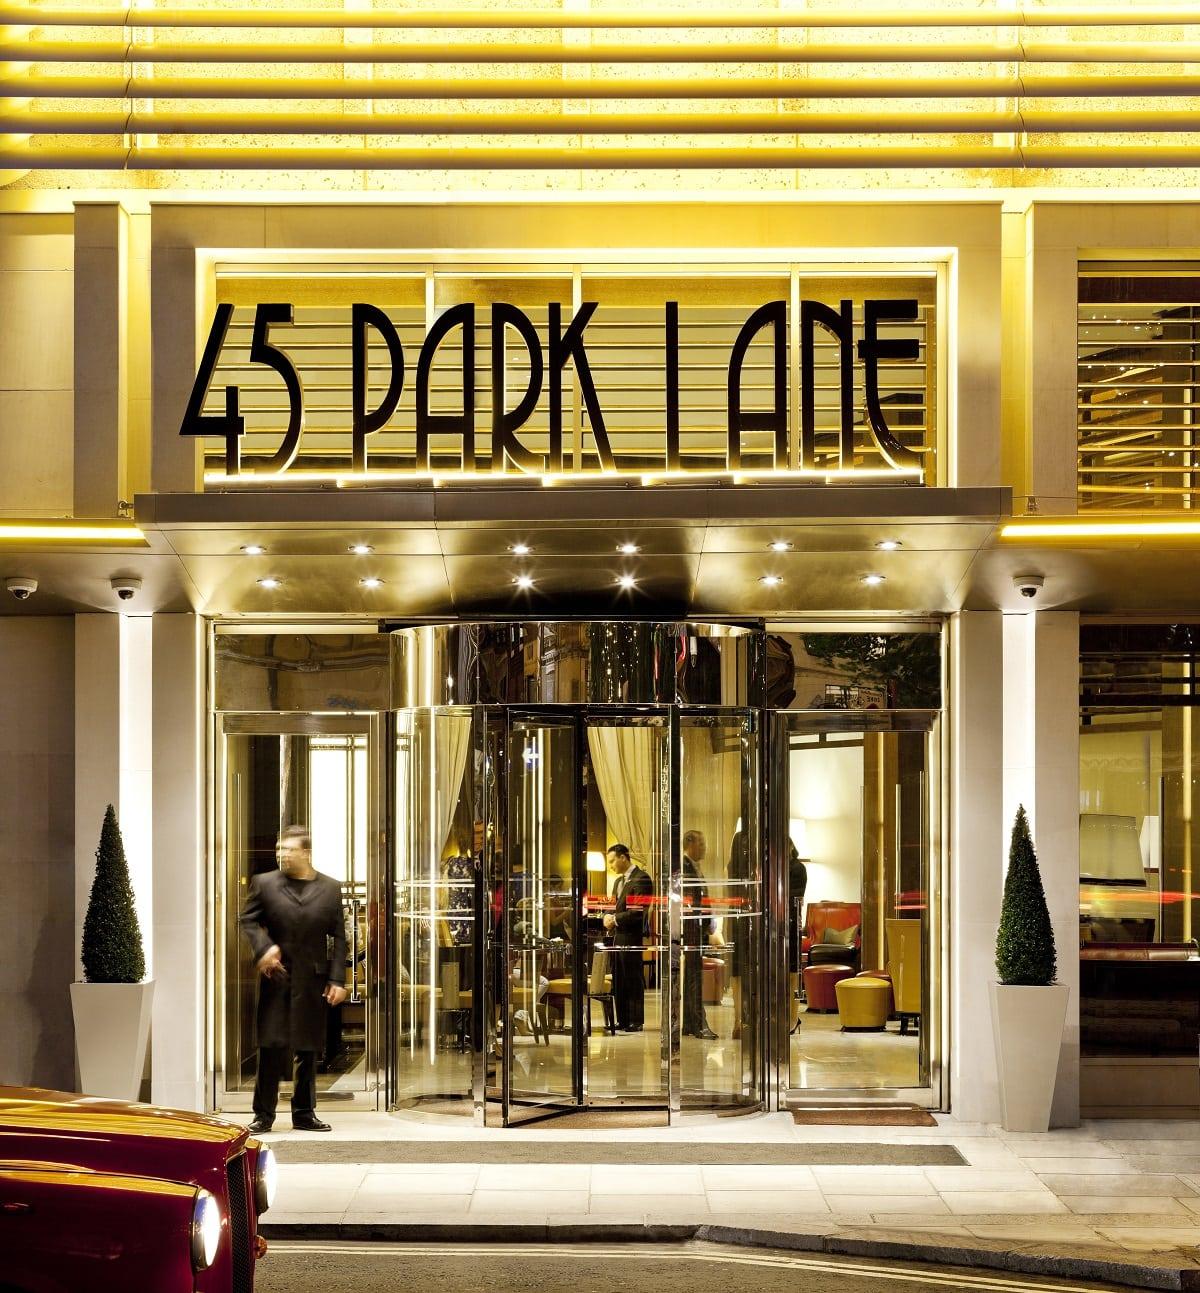 45 Park Lane Entrance- Adam Parker-min